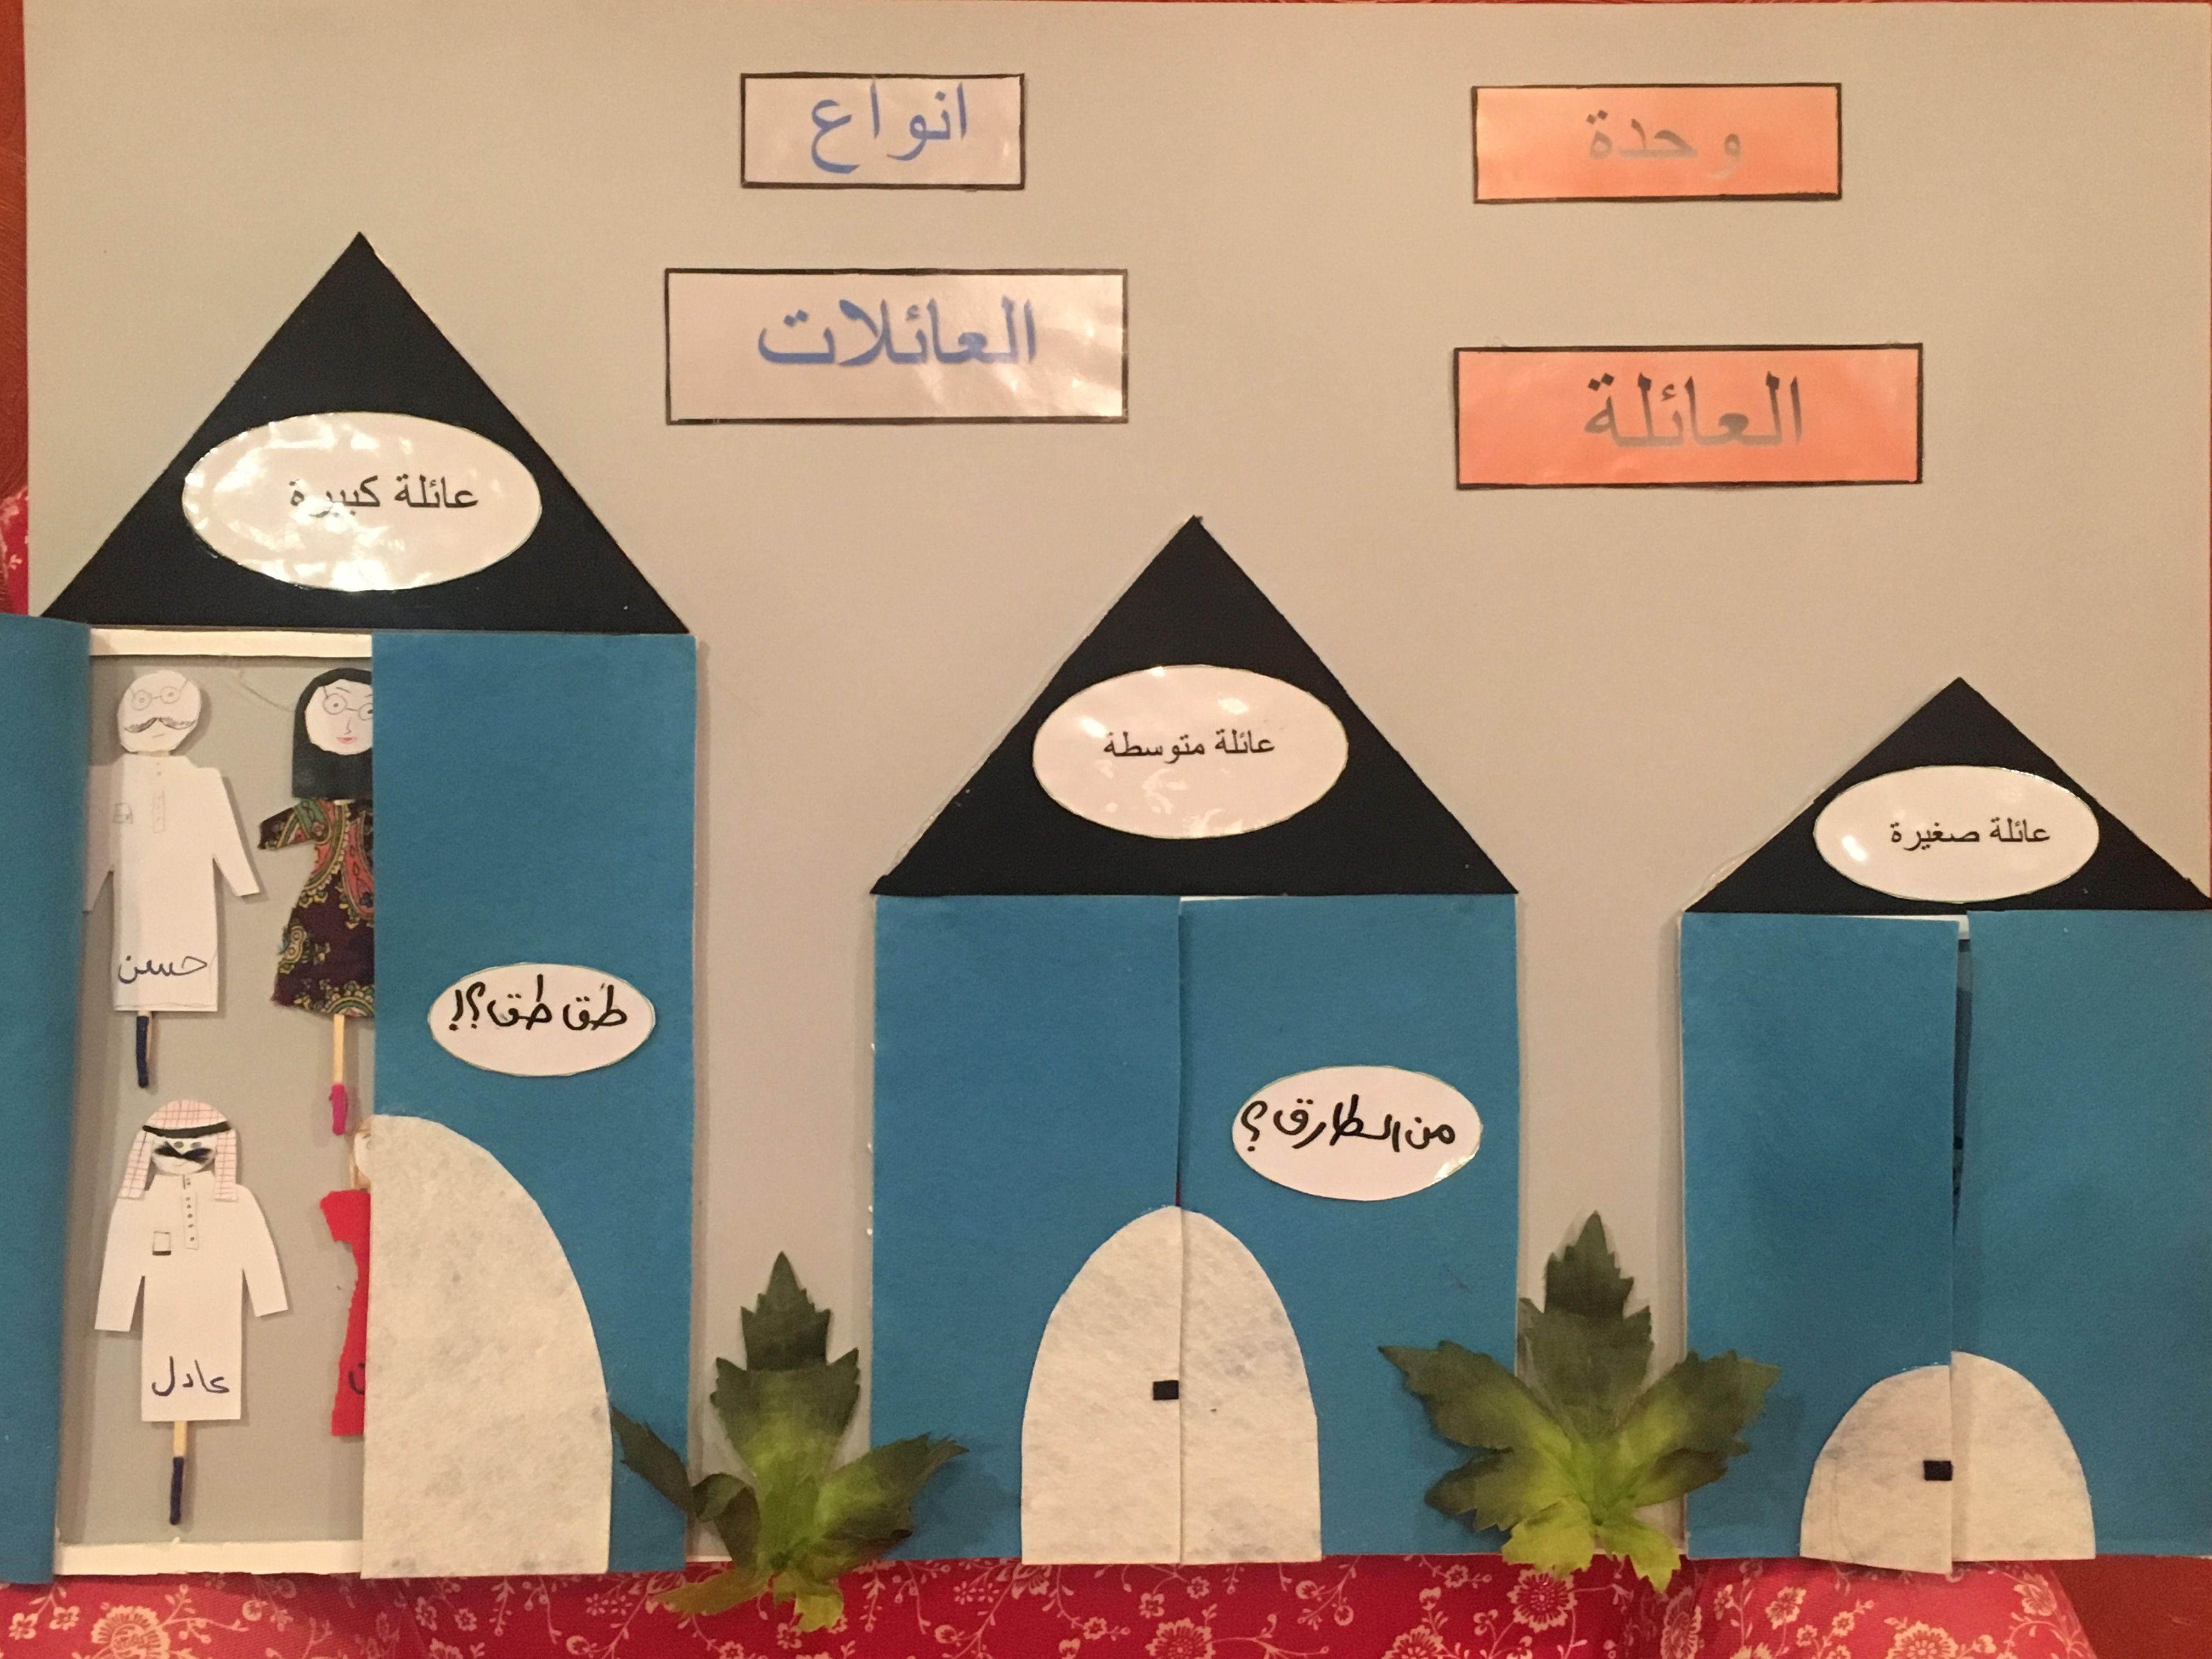 وحدة العائلة انوع العائلات الهدف من الوسيلة ان يفرق الطفل بين انواع العائلات Family Crafts Preschool Preschool Crafts Family Crafts